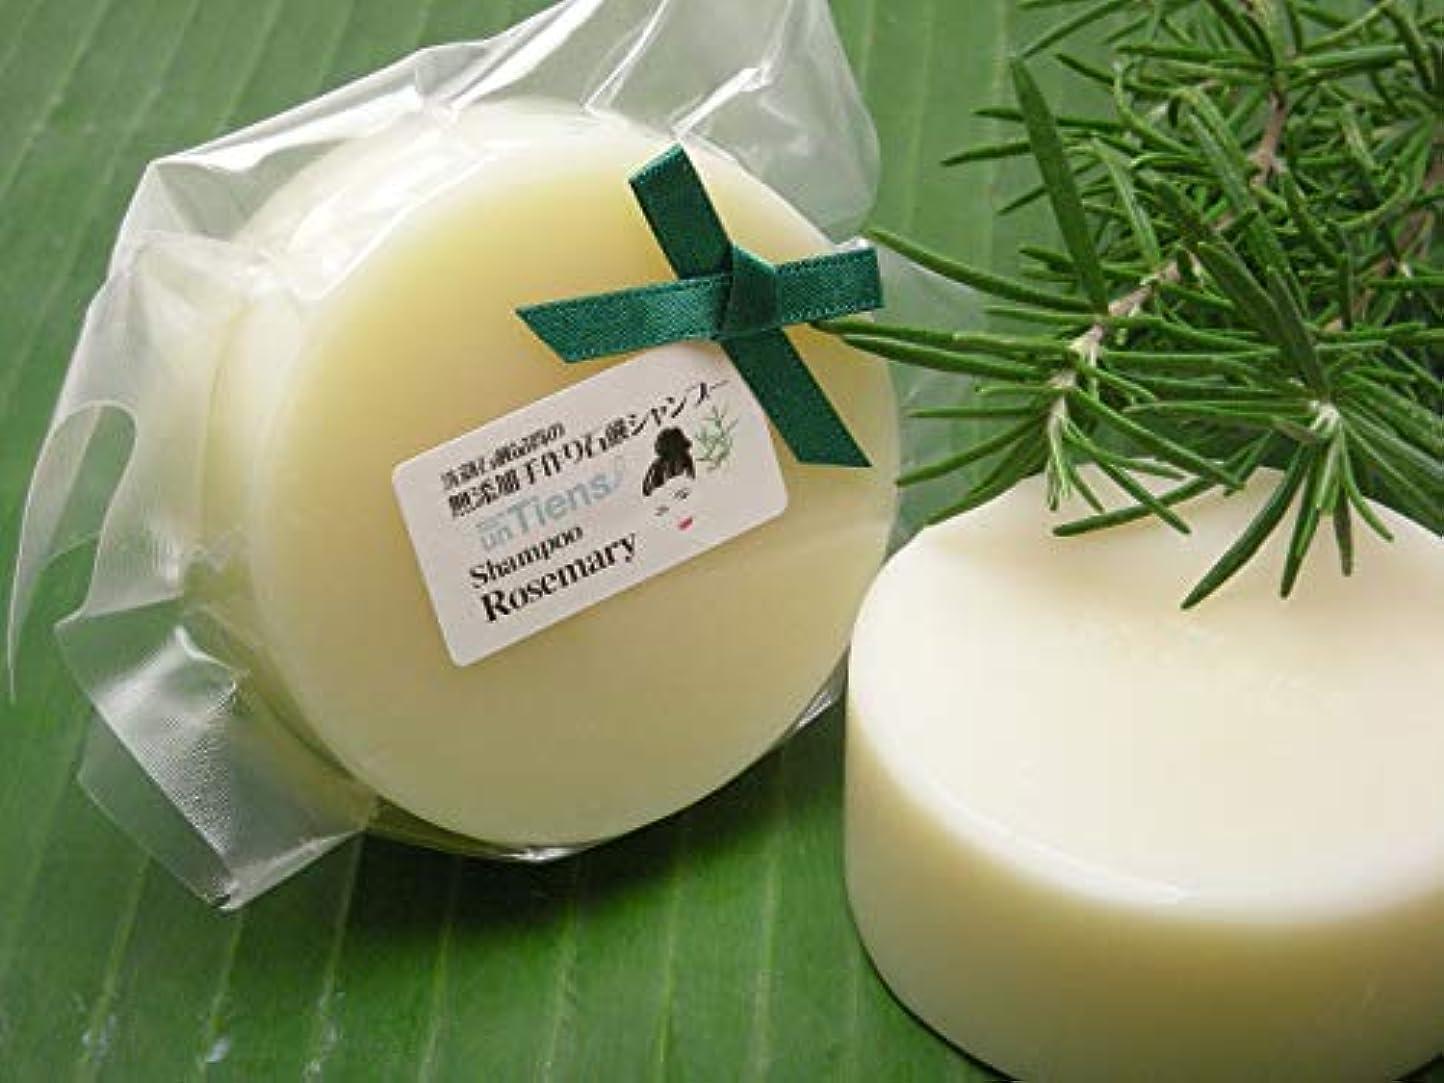 緩める分割窒素洗顔石鹸品質の無添加手作り固形石鹸シャンプー 「ローズマリー」たっぷり使える丸型100g